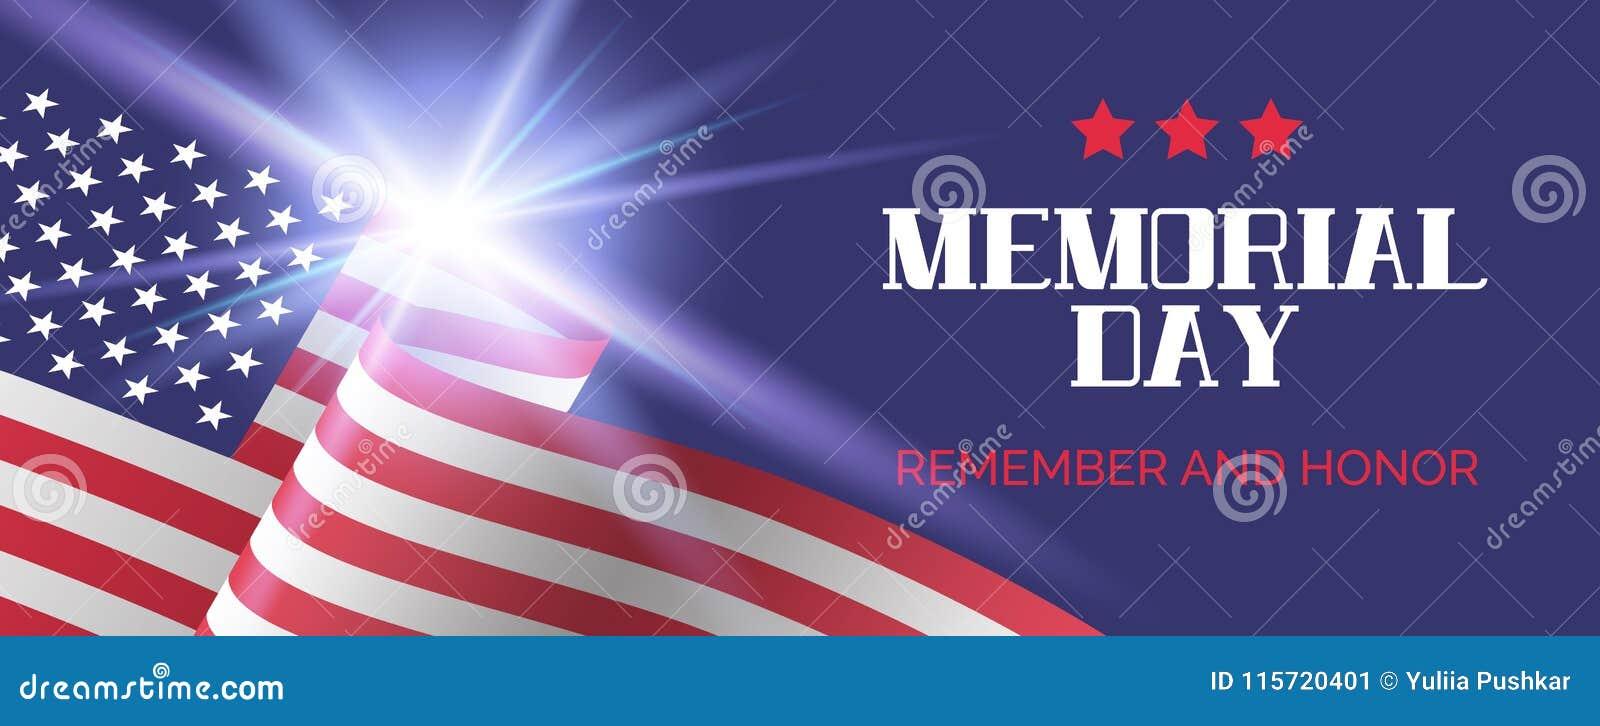 Billboardu dzień odosobniony pamiątkowy biel Pamięta I Honoruje Wektorowy powitanie sztandaru szablon